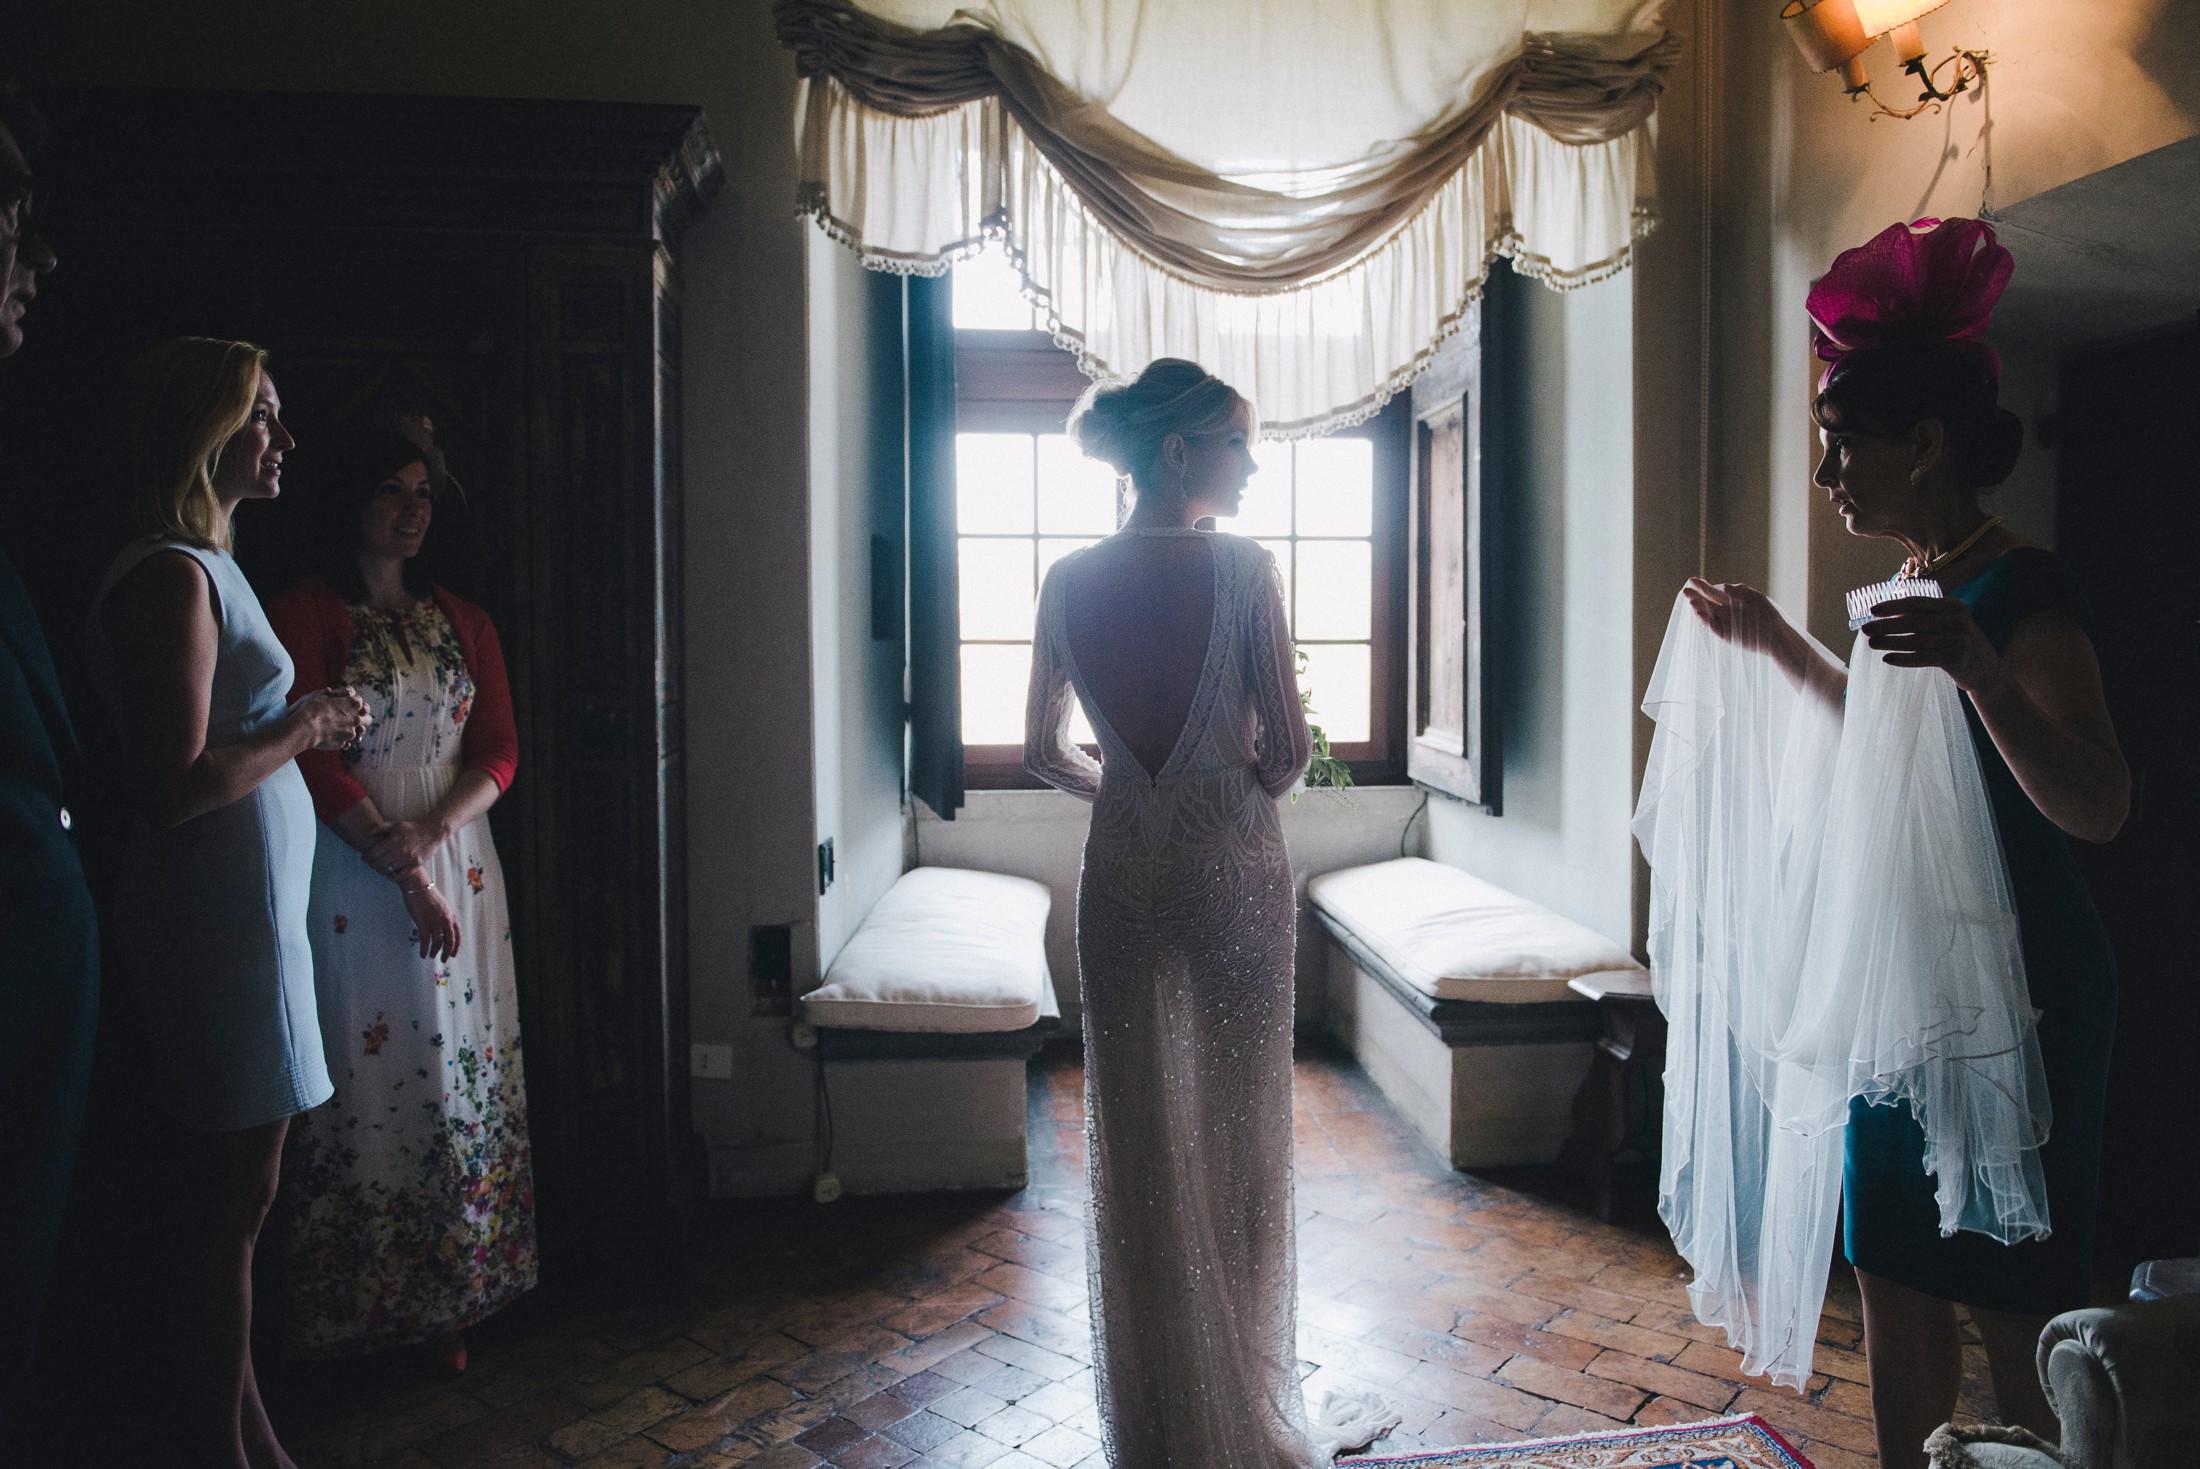 adriana alfano the bride is going to dress the veil at castello odescalchi bracciano rome